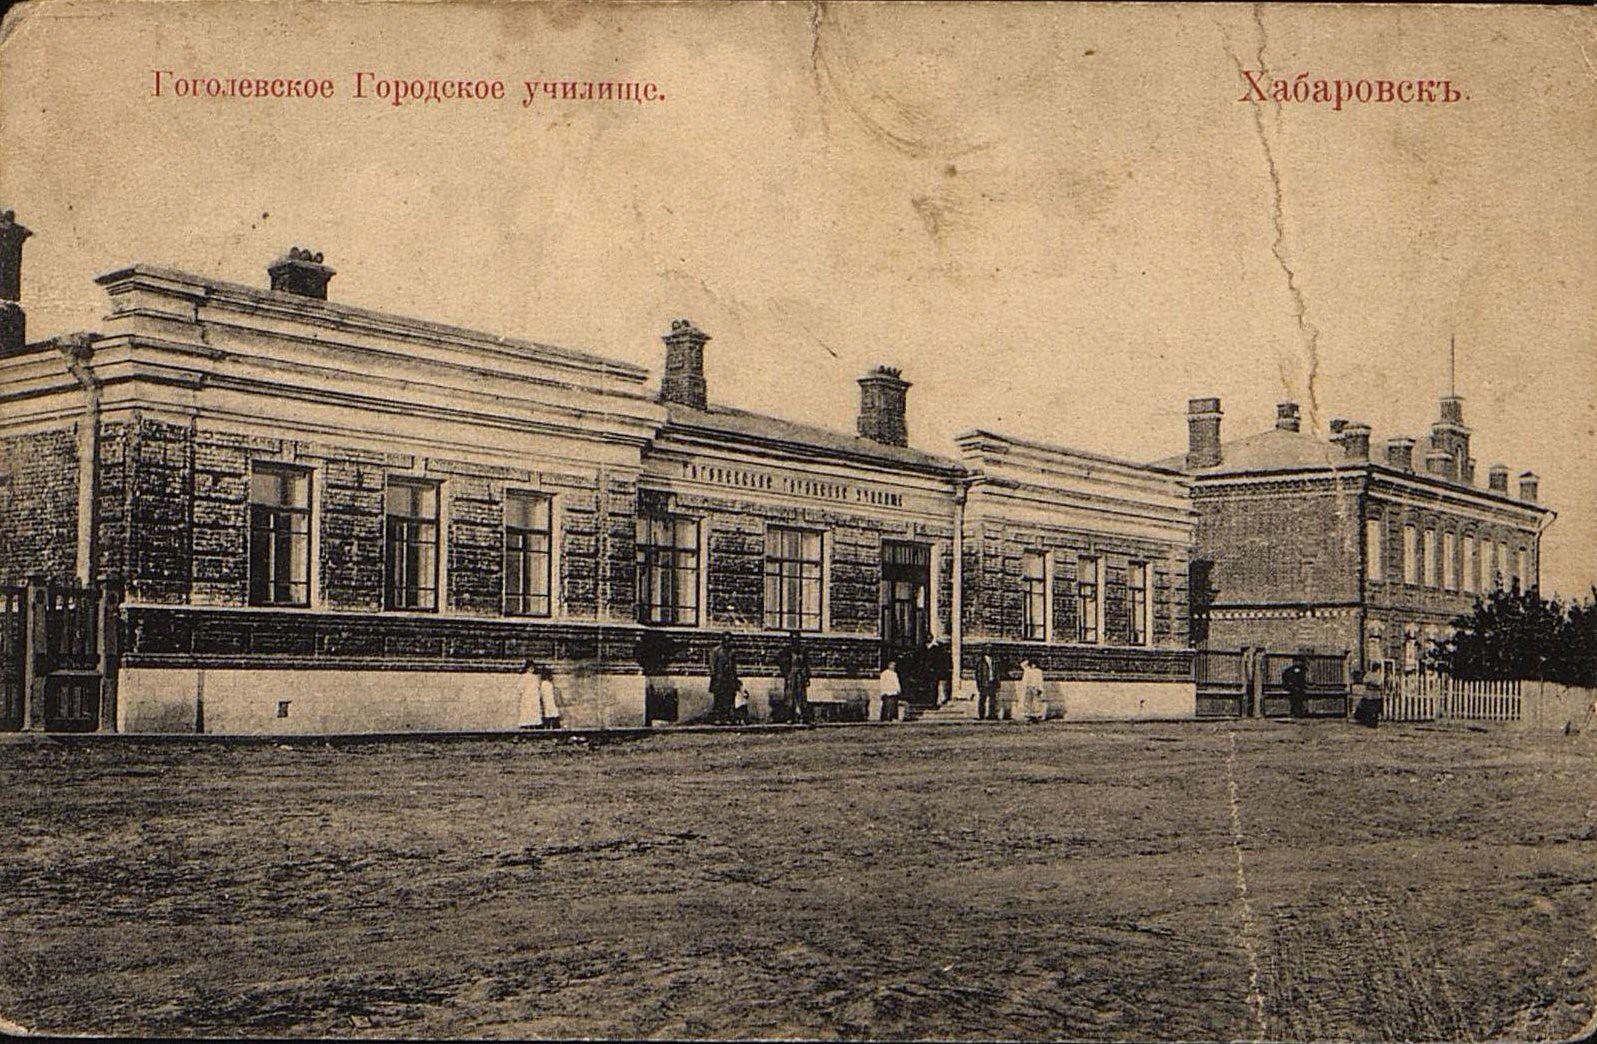 Гоголевское городское училище